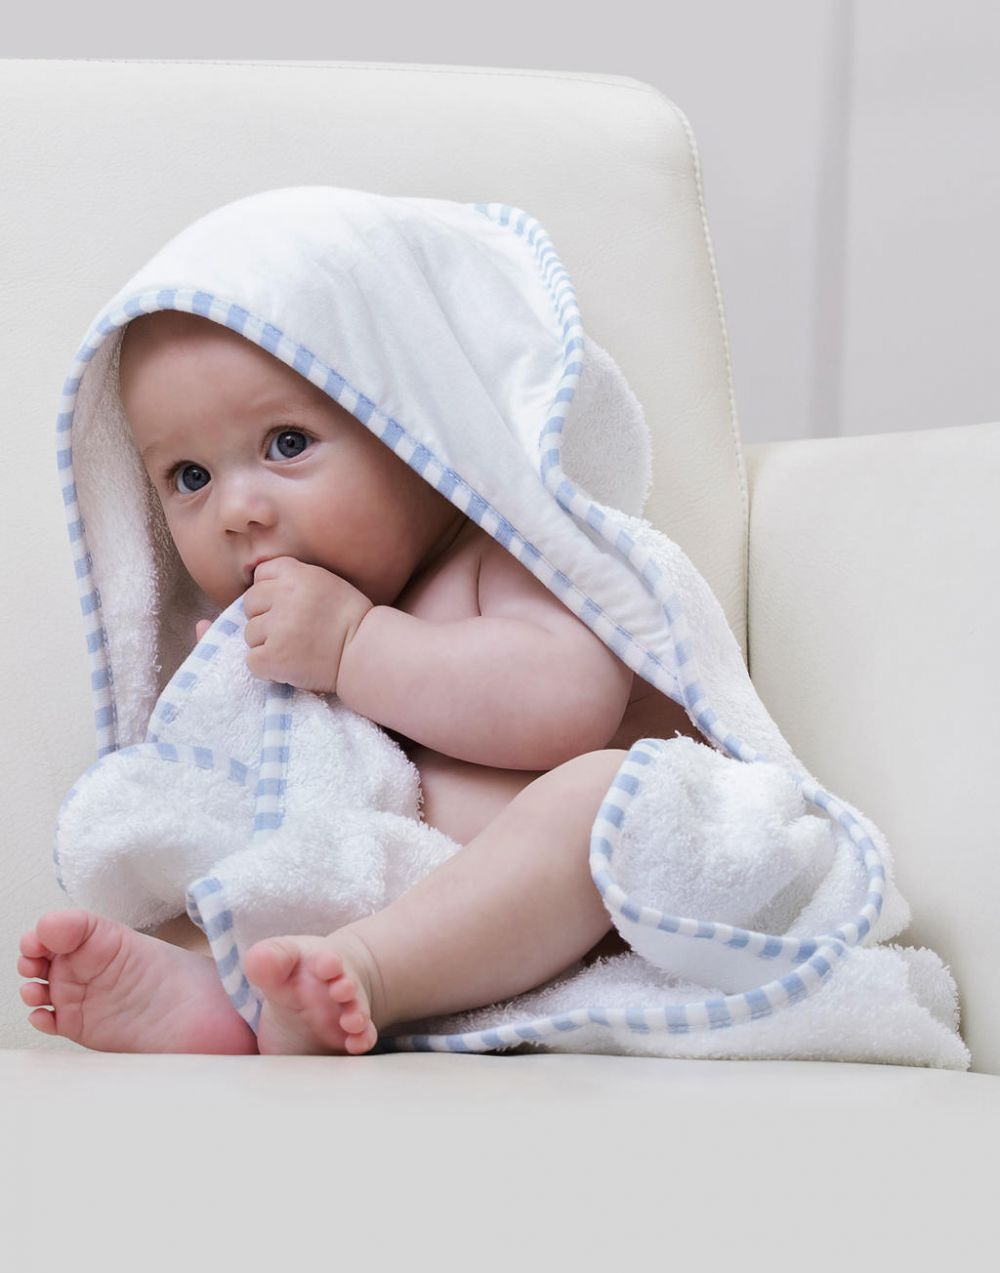 Toallas y albornoces towels by jassz con capucha para niño po para personalizar imagen 1